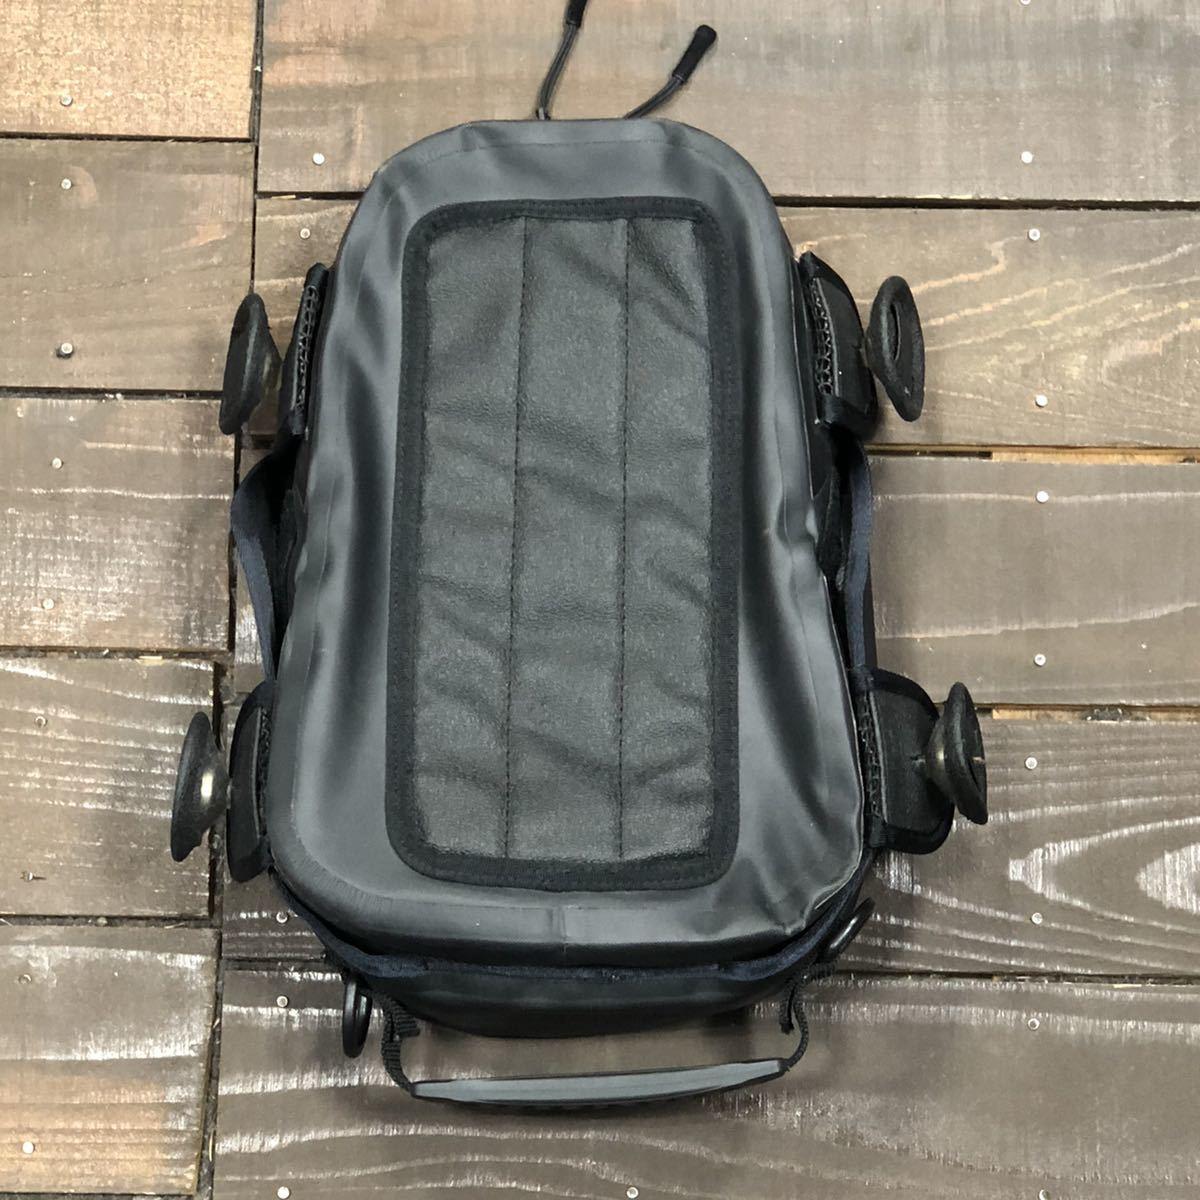 HONDA ホンダ スポルトシート バッグ バイク 中古 使用感あり 止水ジップ ブラック 黒_画像2